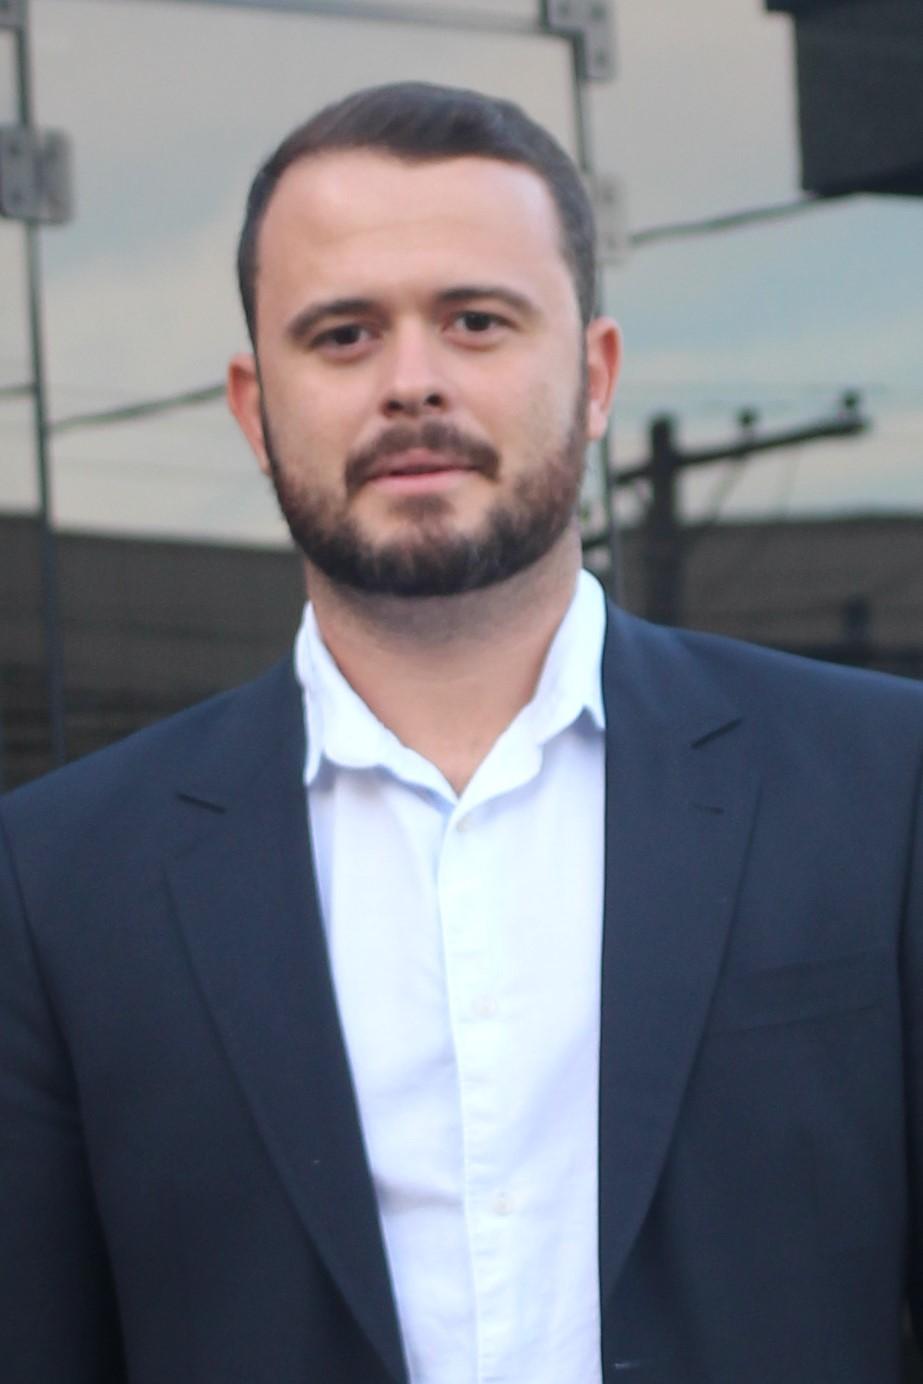 Dr. Pedro Filipe Cruz Cardoso de Andrade